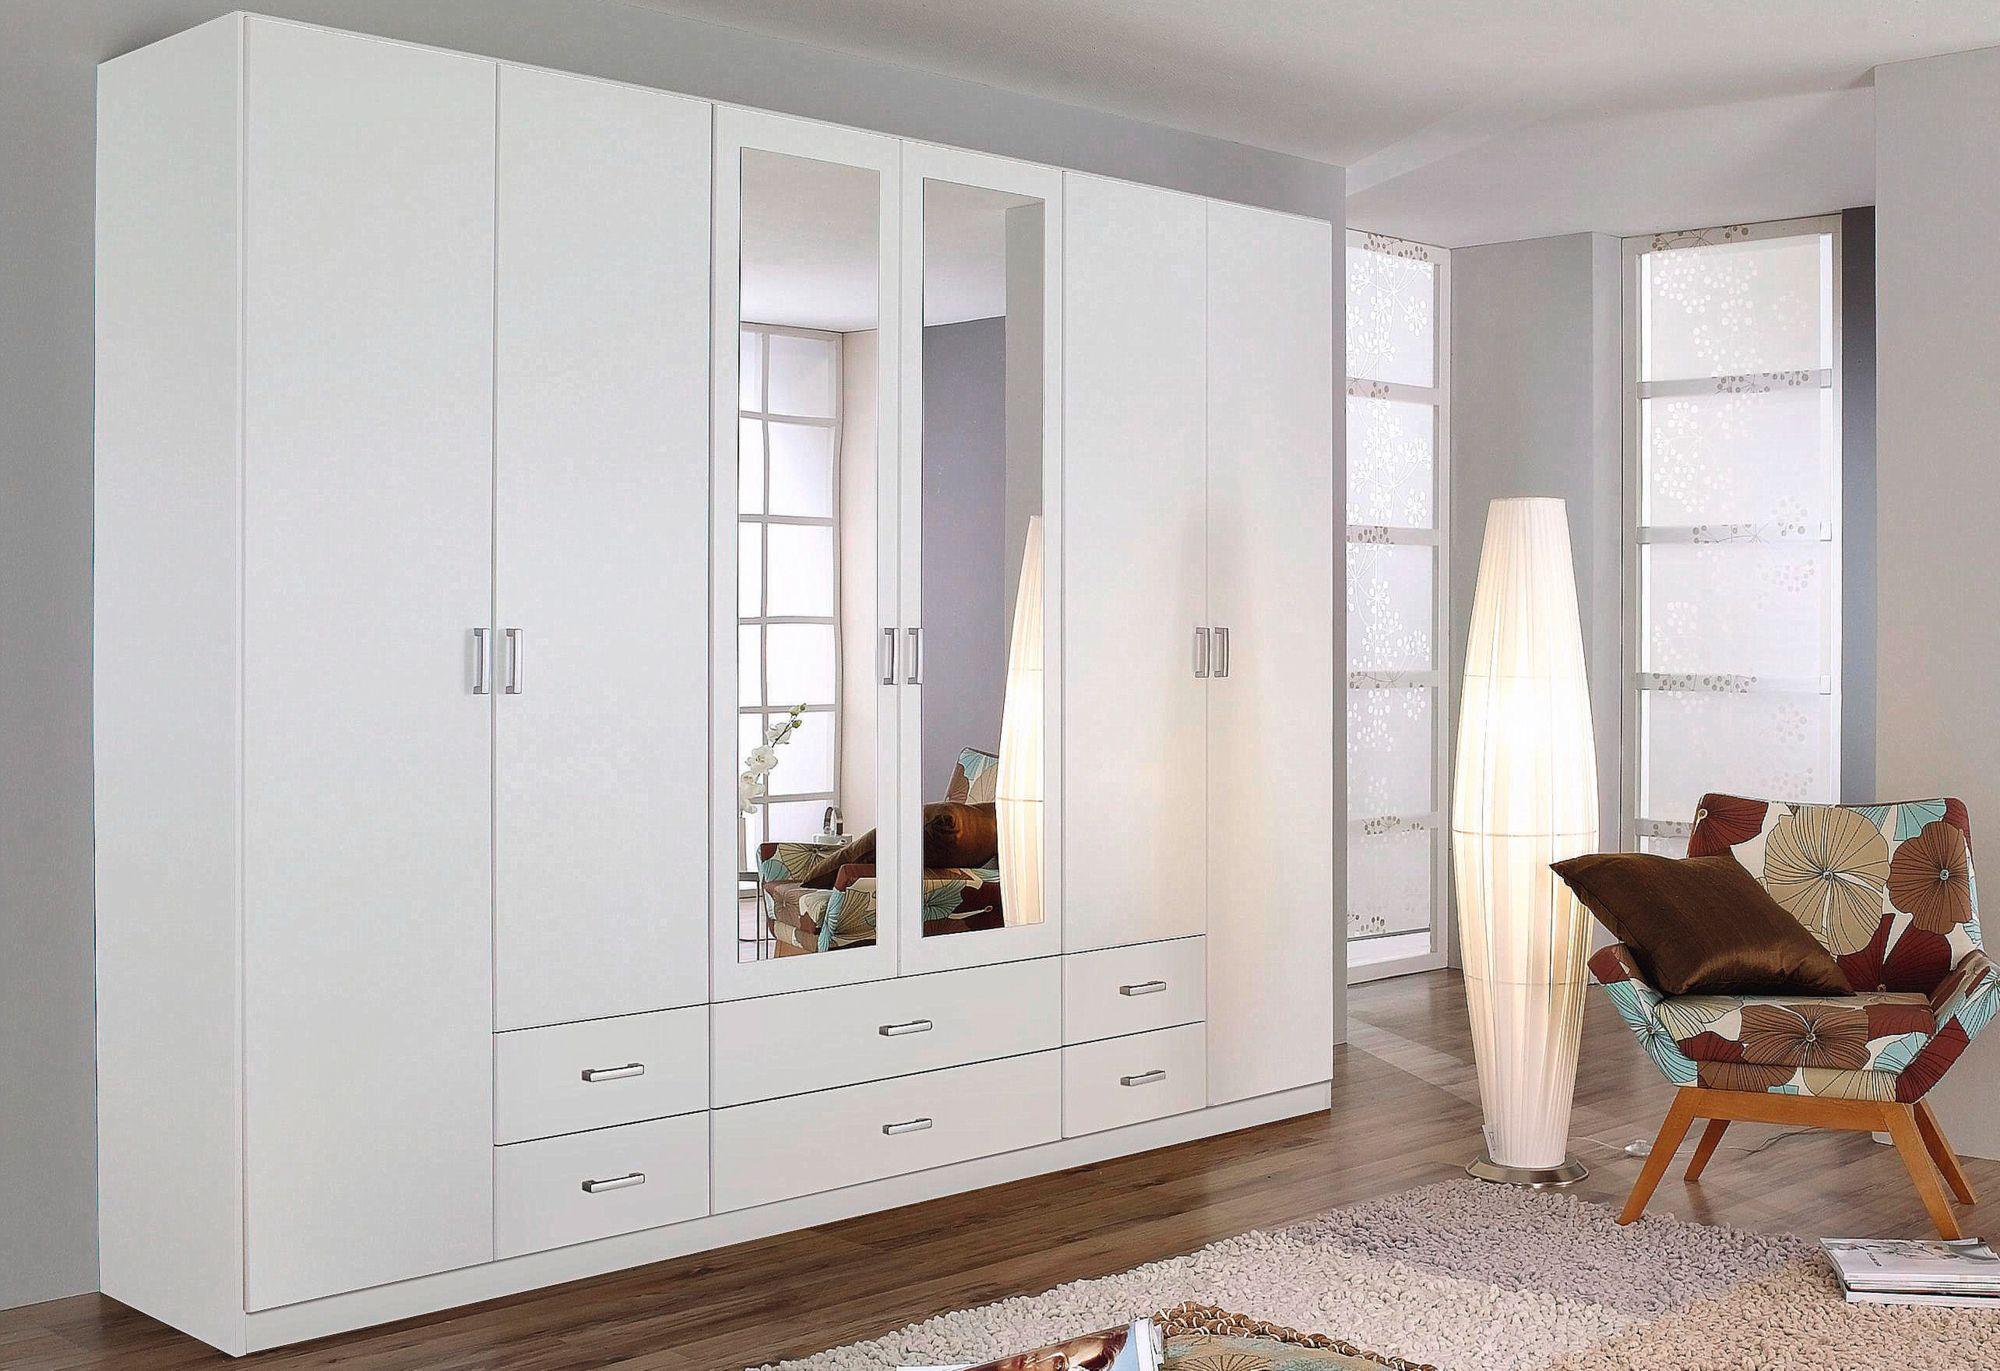 rauch kleiderschrank schwab versand kleiderschr nke. Black Bedroom Furniture Sets. Home Design Ideas